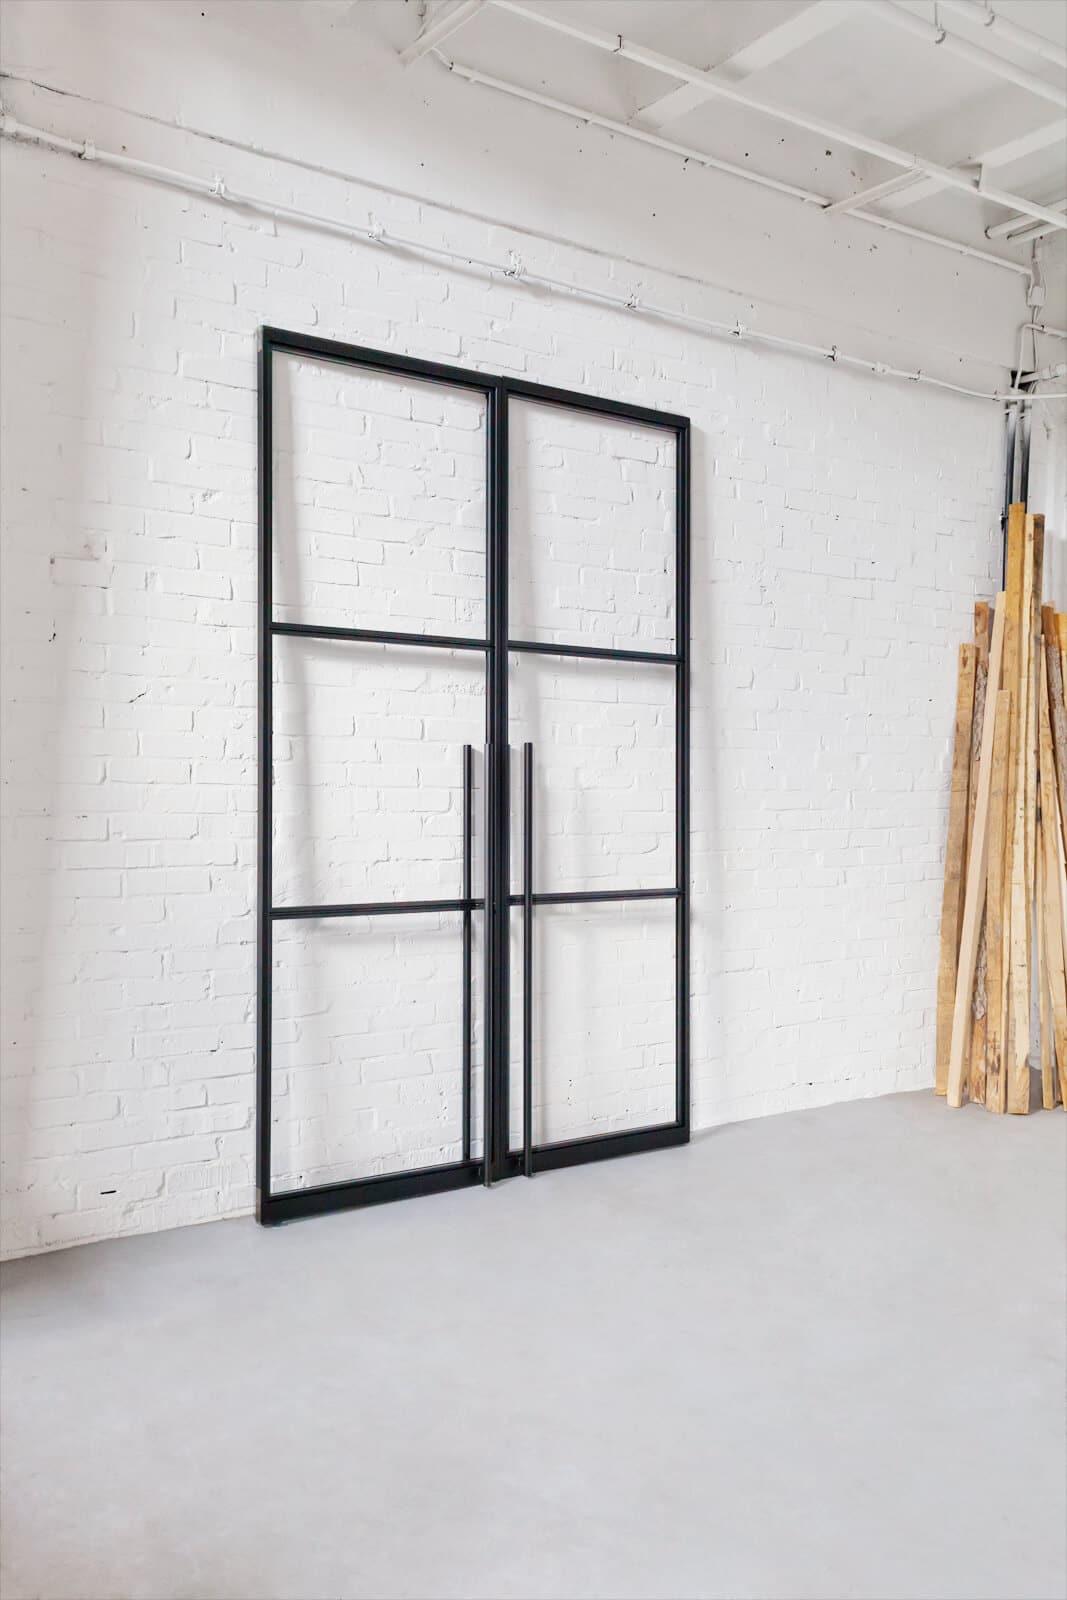 N51E12 - Stahl Loft Tür - vertikale Zugstange Lang